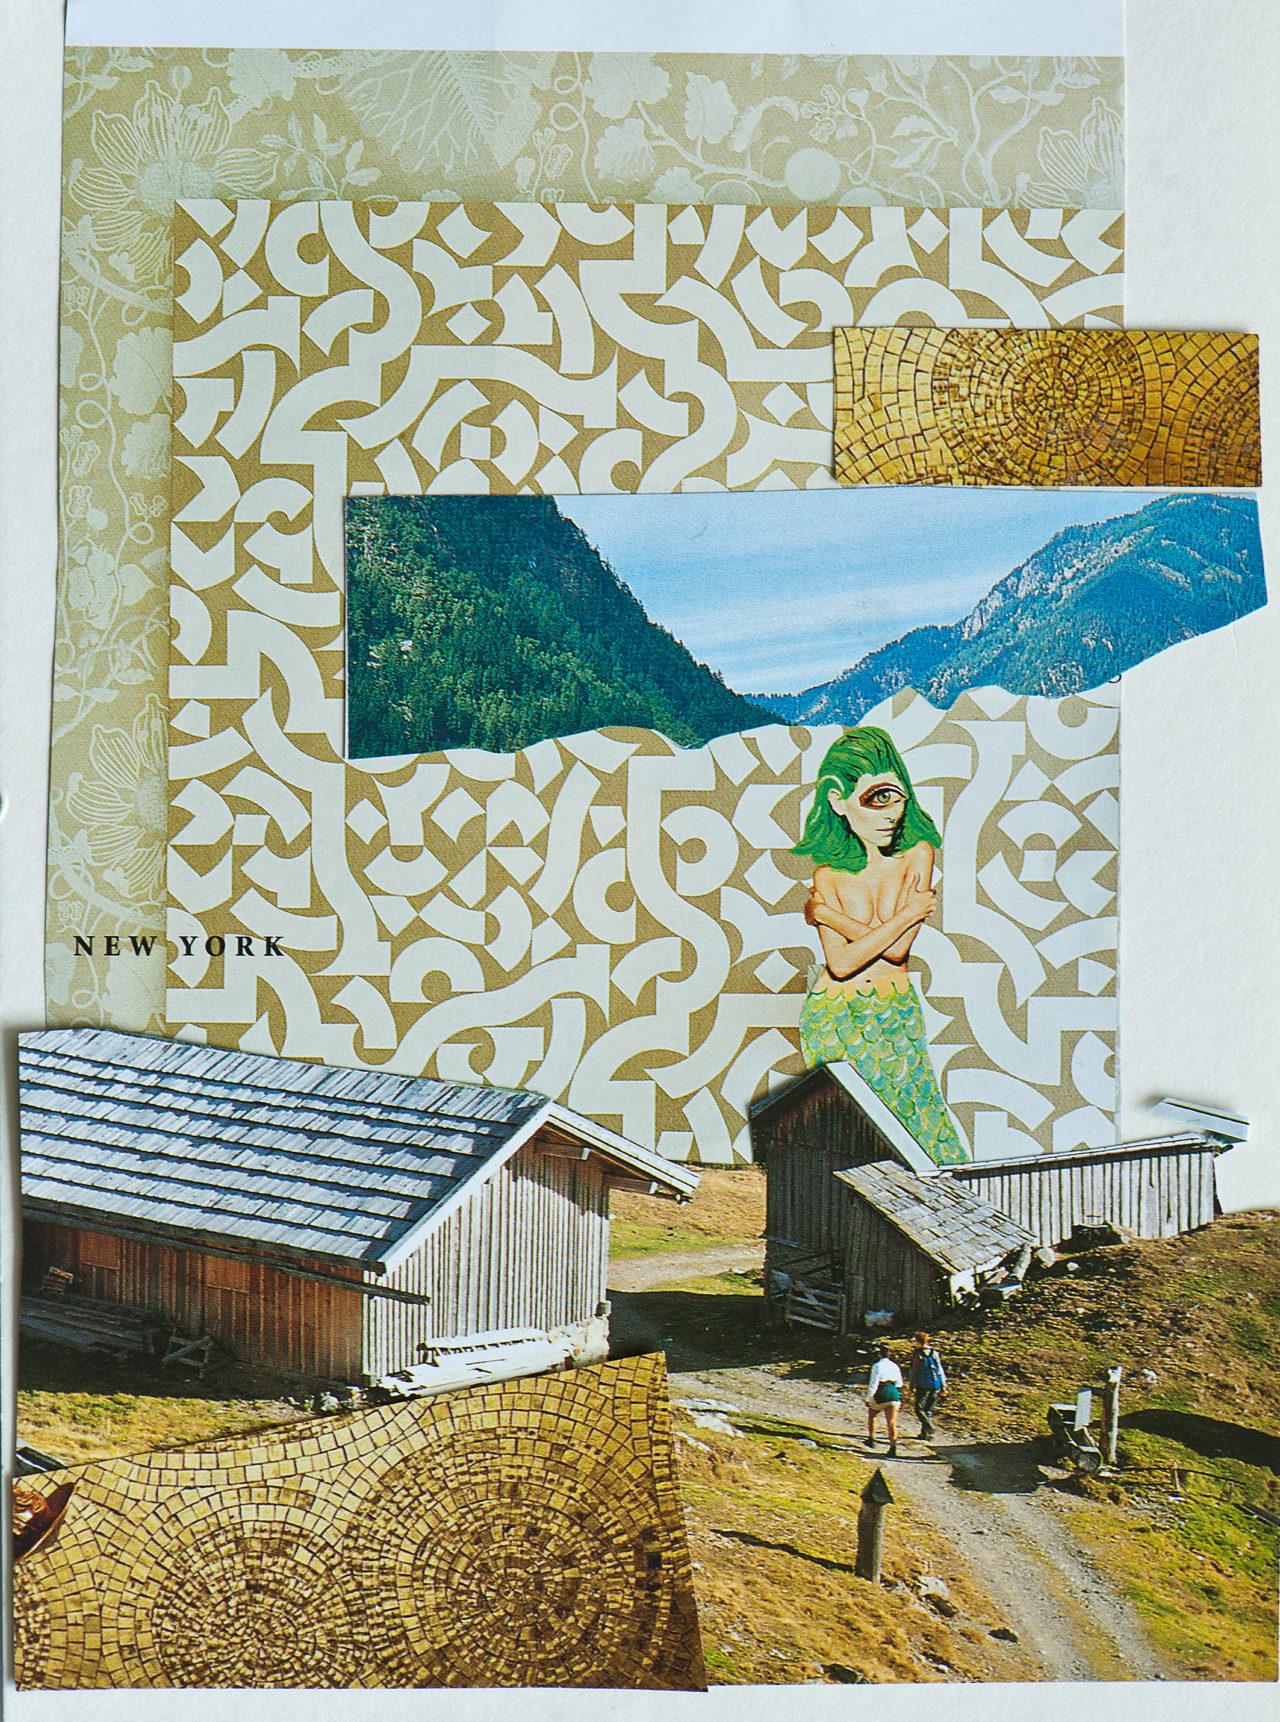 o.T. # 1, 2012, 21 x 15cm, Papier auf Papier